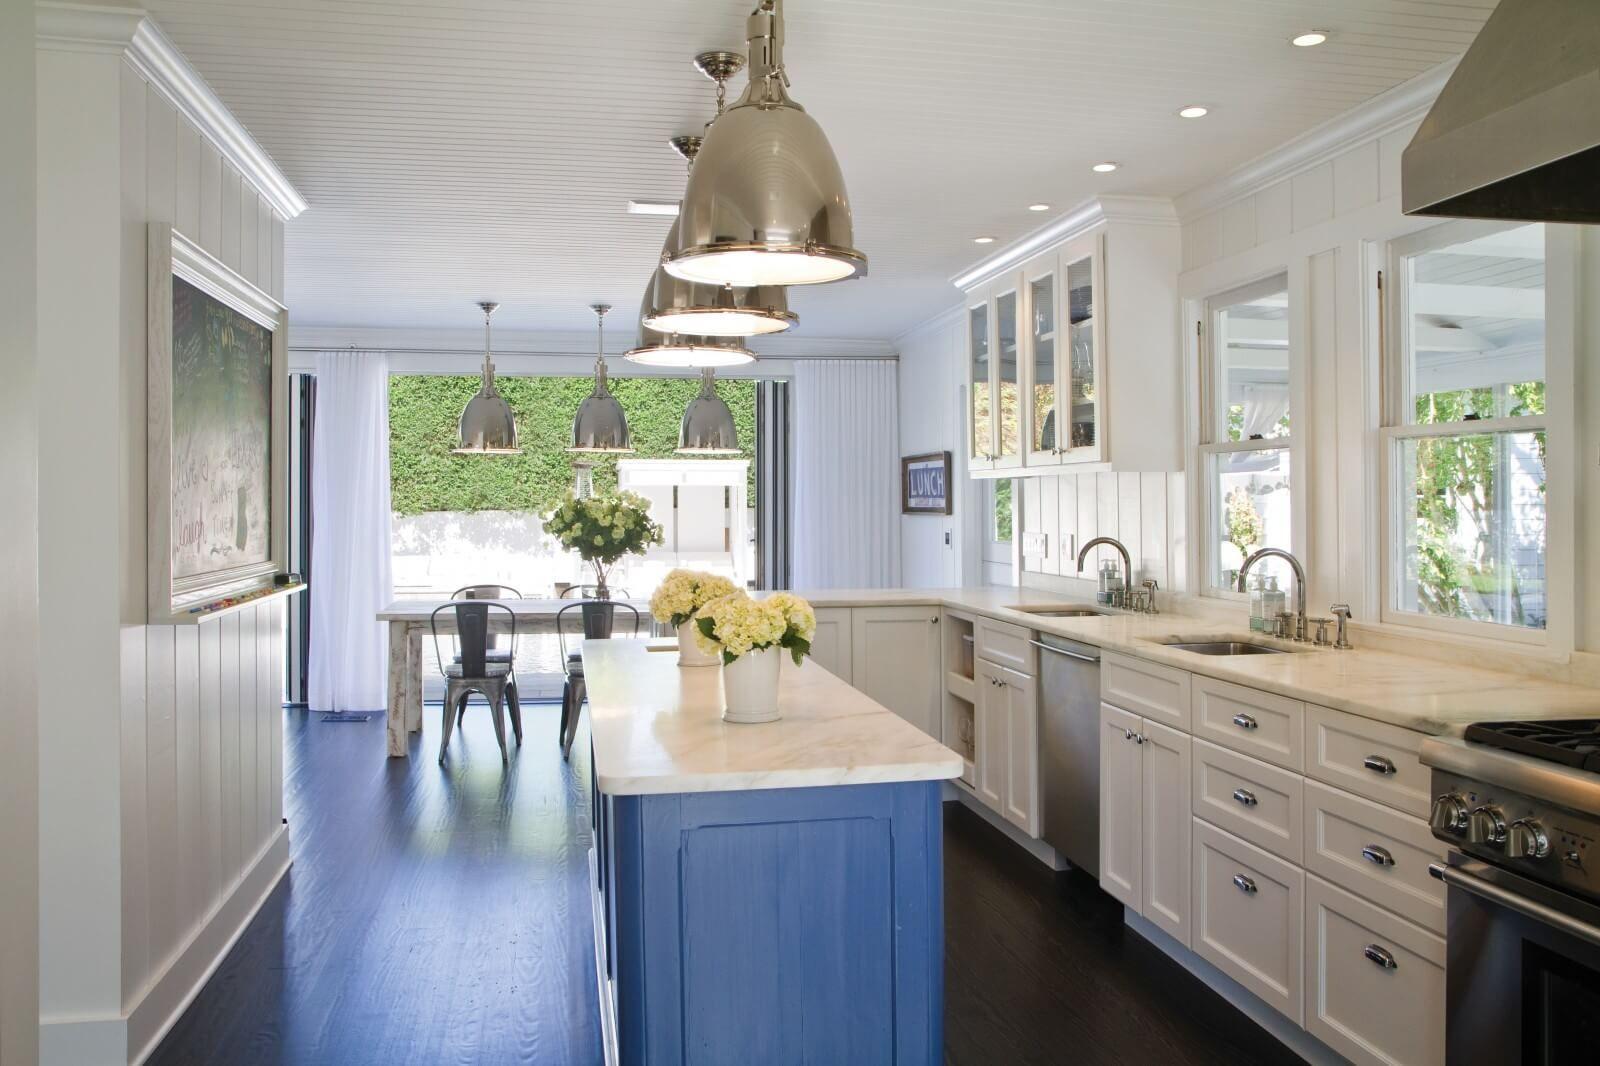 Best Kitchen Gallery: 124 Great Kitchen Design And Ideas With Cabi S Islands of White Beach Kitchen Design on rachelxblog.com